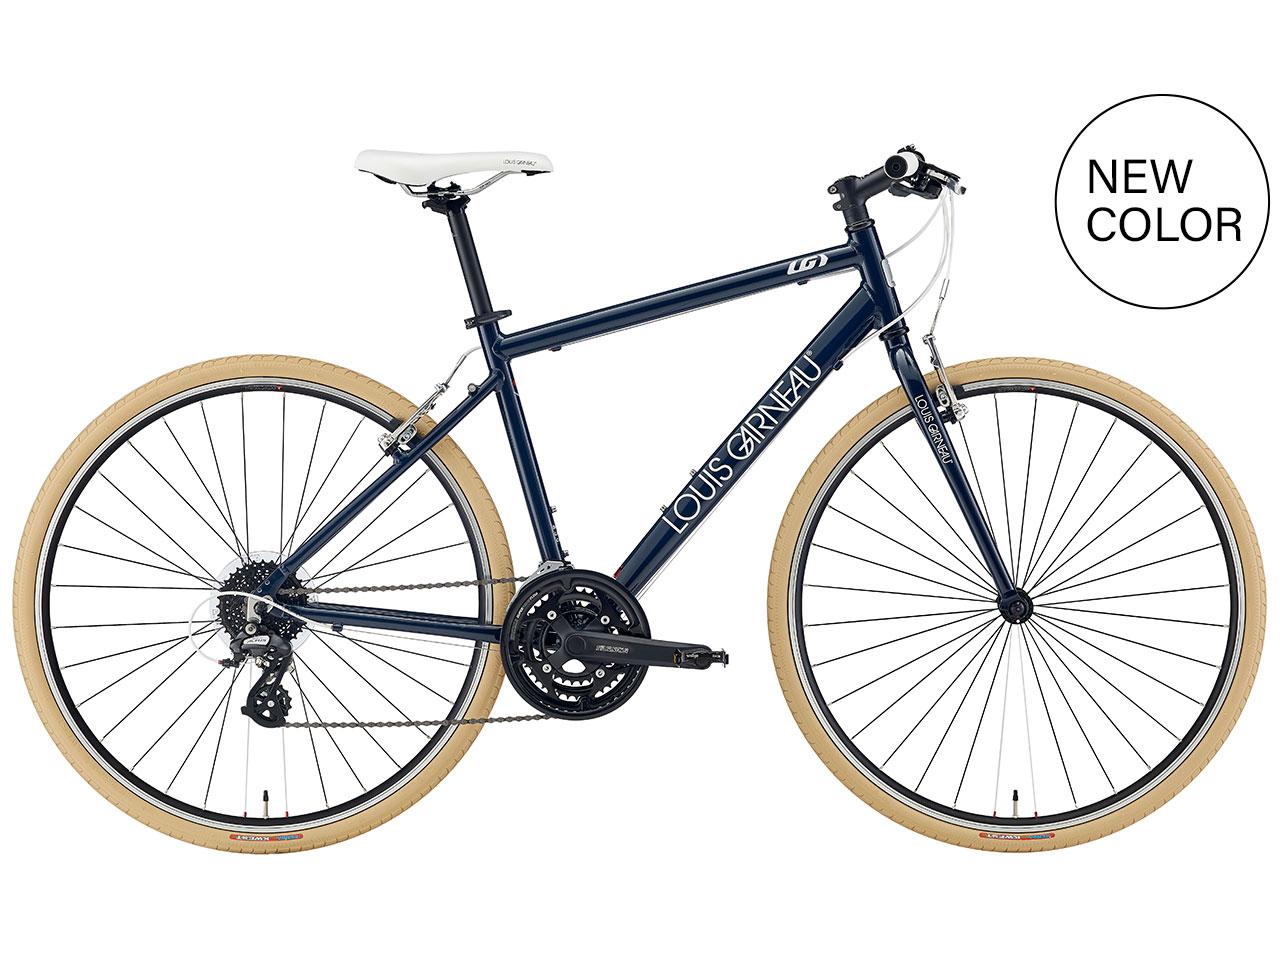 ルイガノのクロスバイク セッターを買ってよいか考える SETTER | クロスバイクラボ